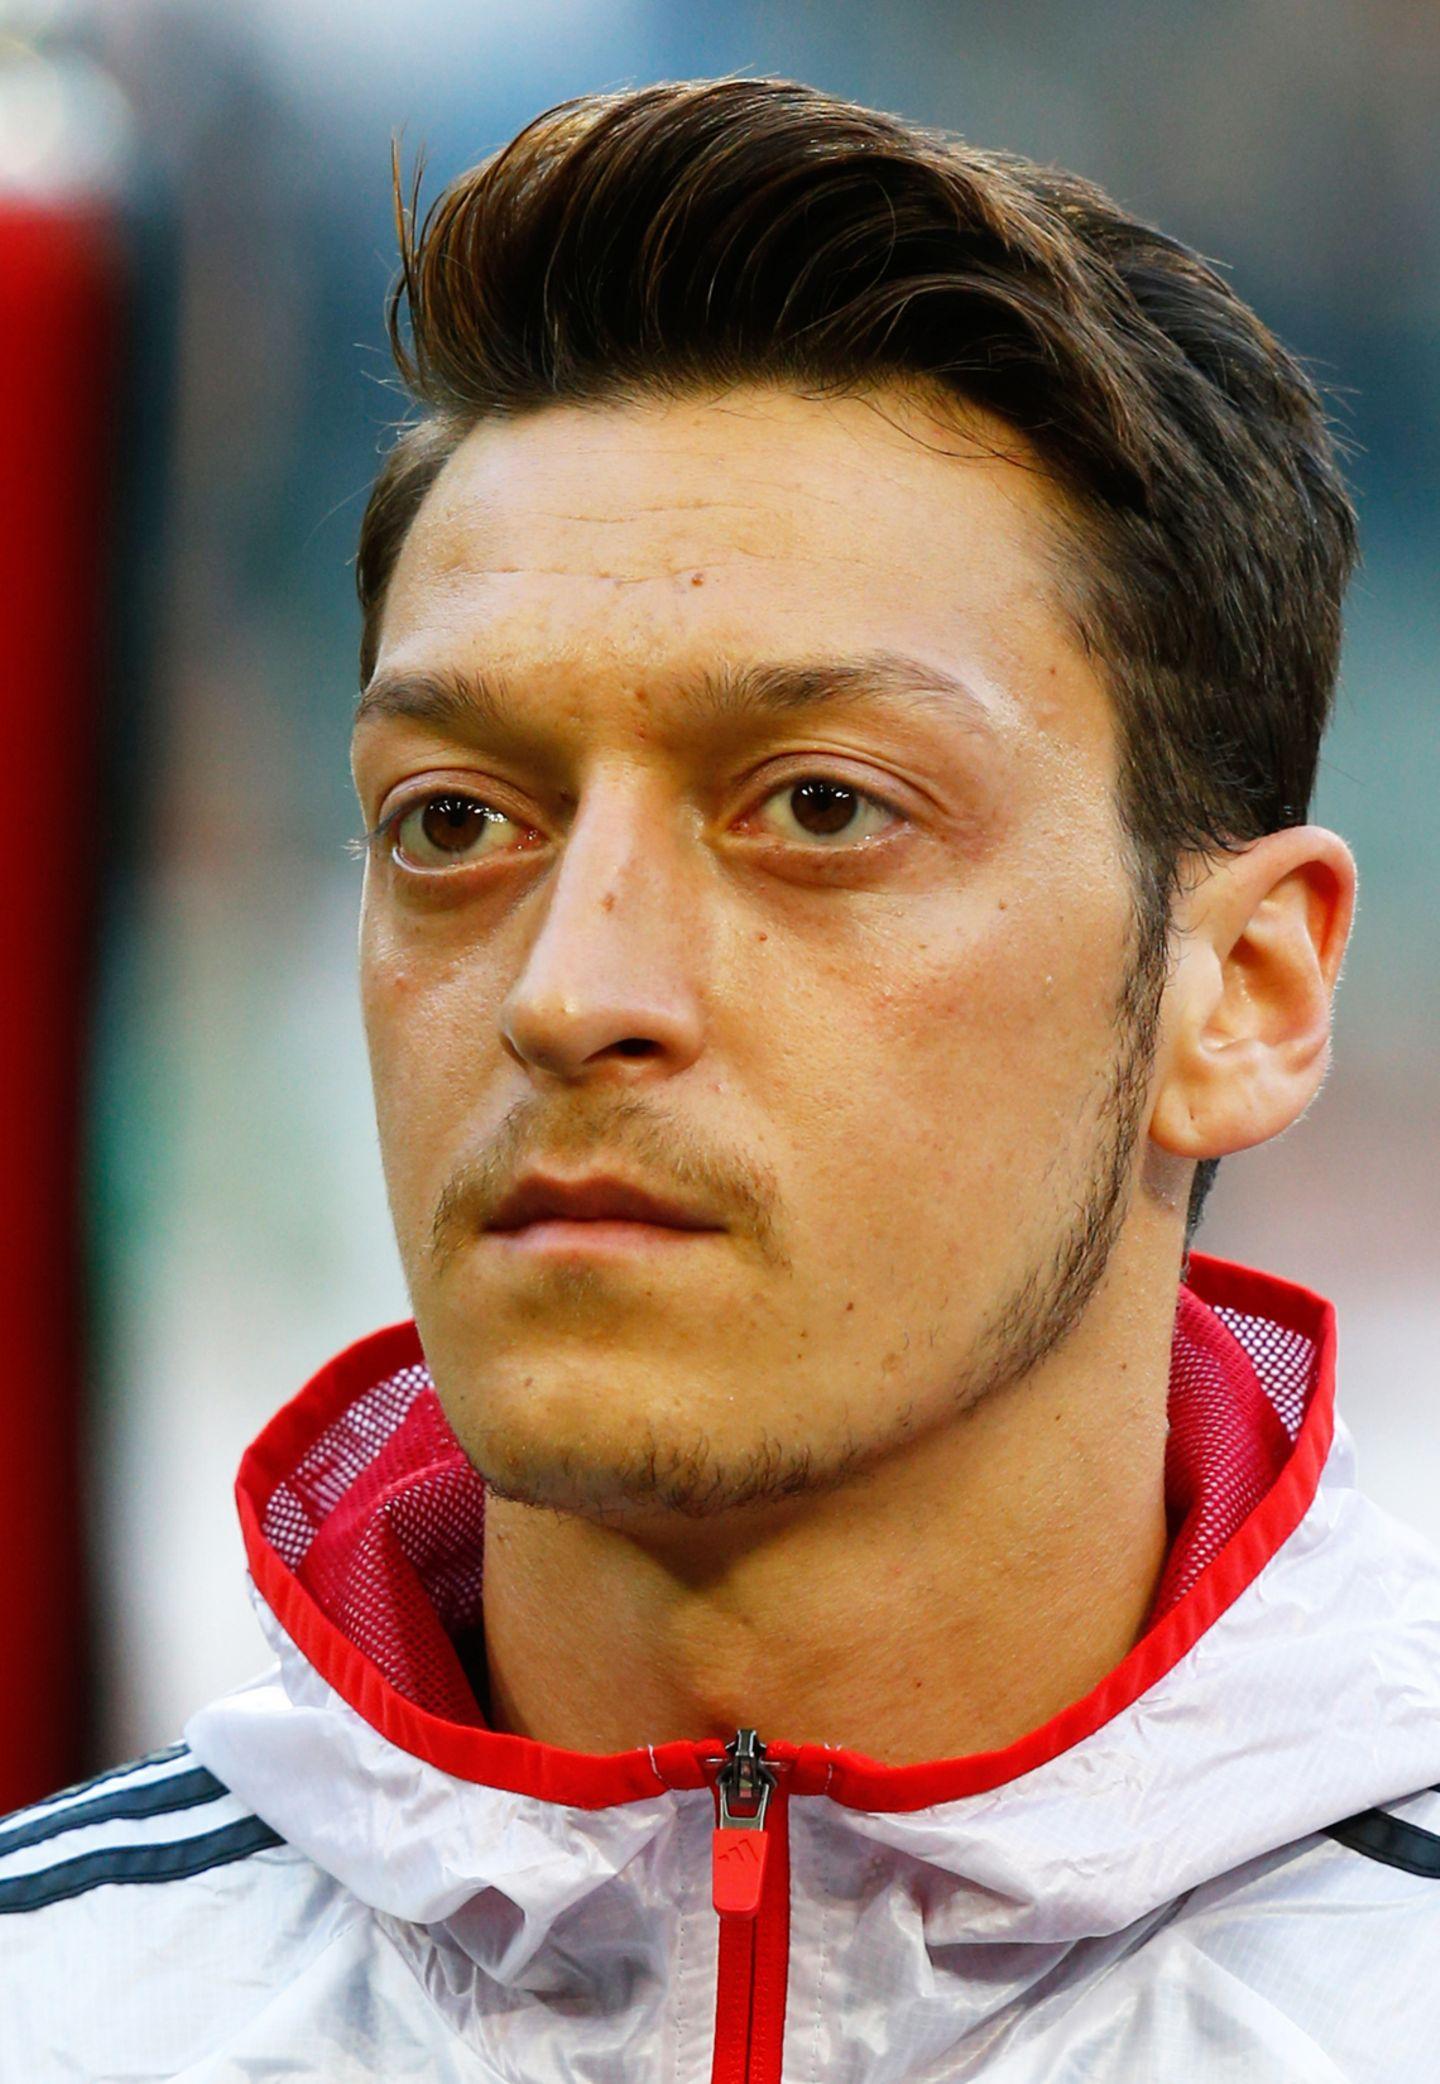 Mesut Özil von Arsenal London hat in der Regel nur wenig mit Rock'n'Roll zu tun. Seine beneidenswert voluminösen Haare legt er dennoch gerne in eine Art Tolle, während die Seitenpartien deutlich kürzer gehalten sind.